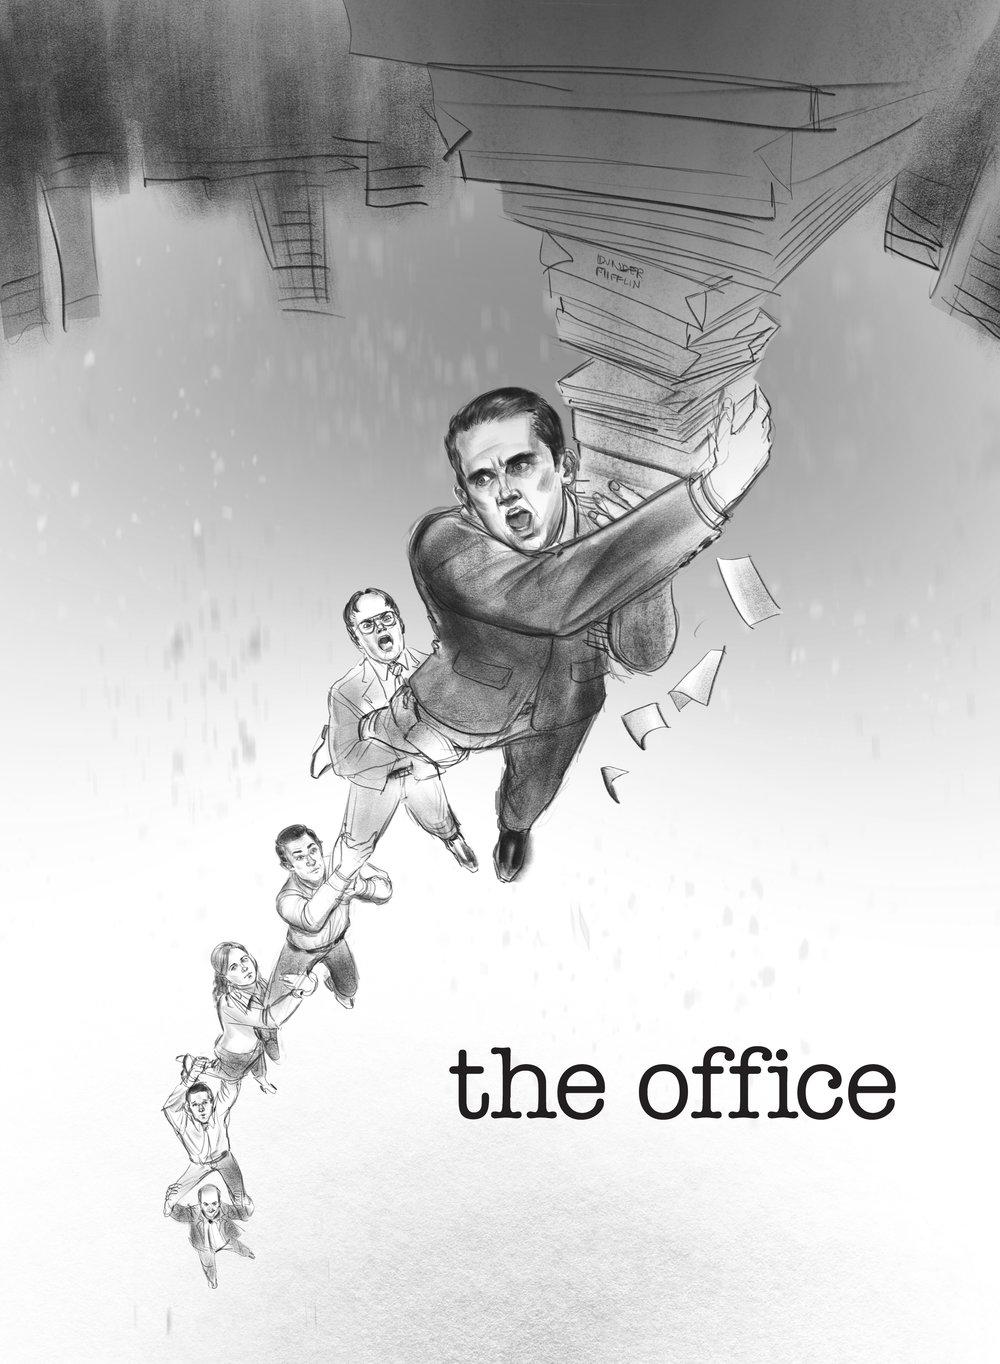 Office_goonies.jpg